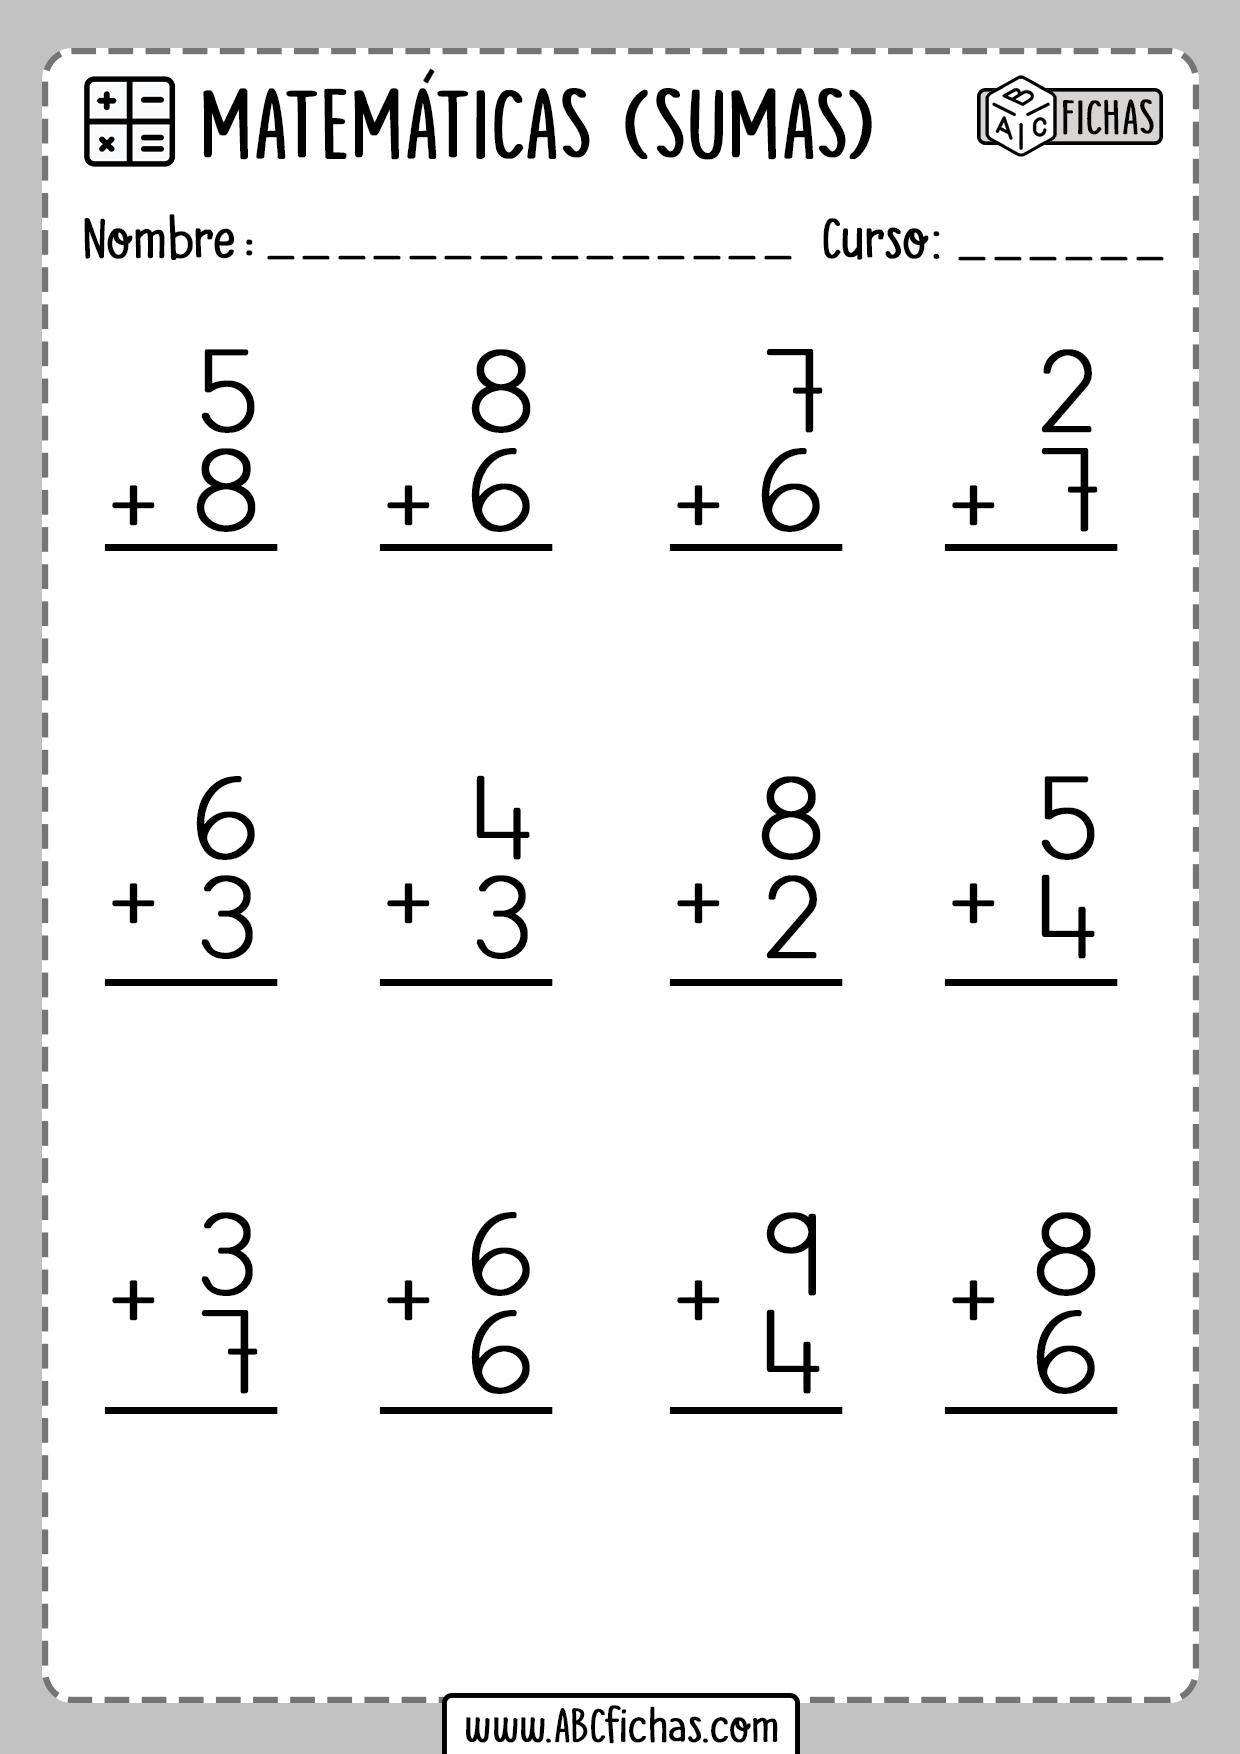 Fichas de Sumas de 2 digitos matematicas